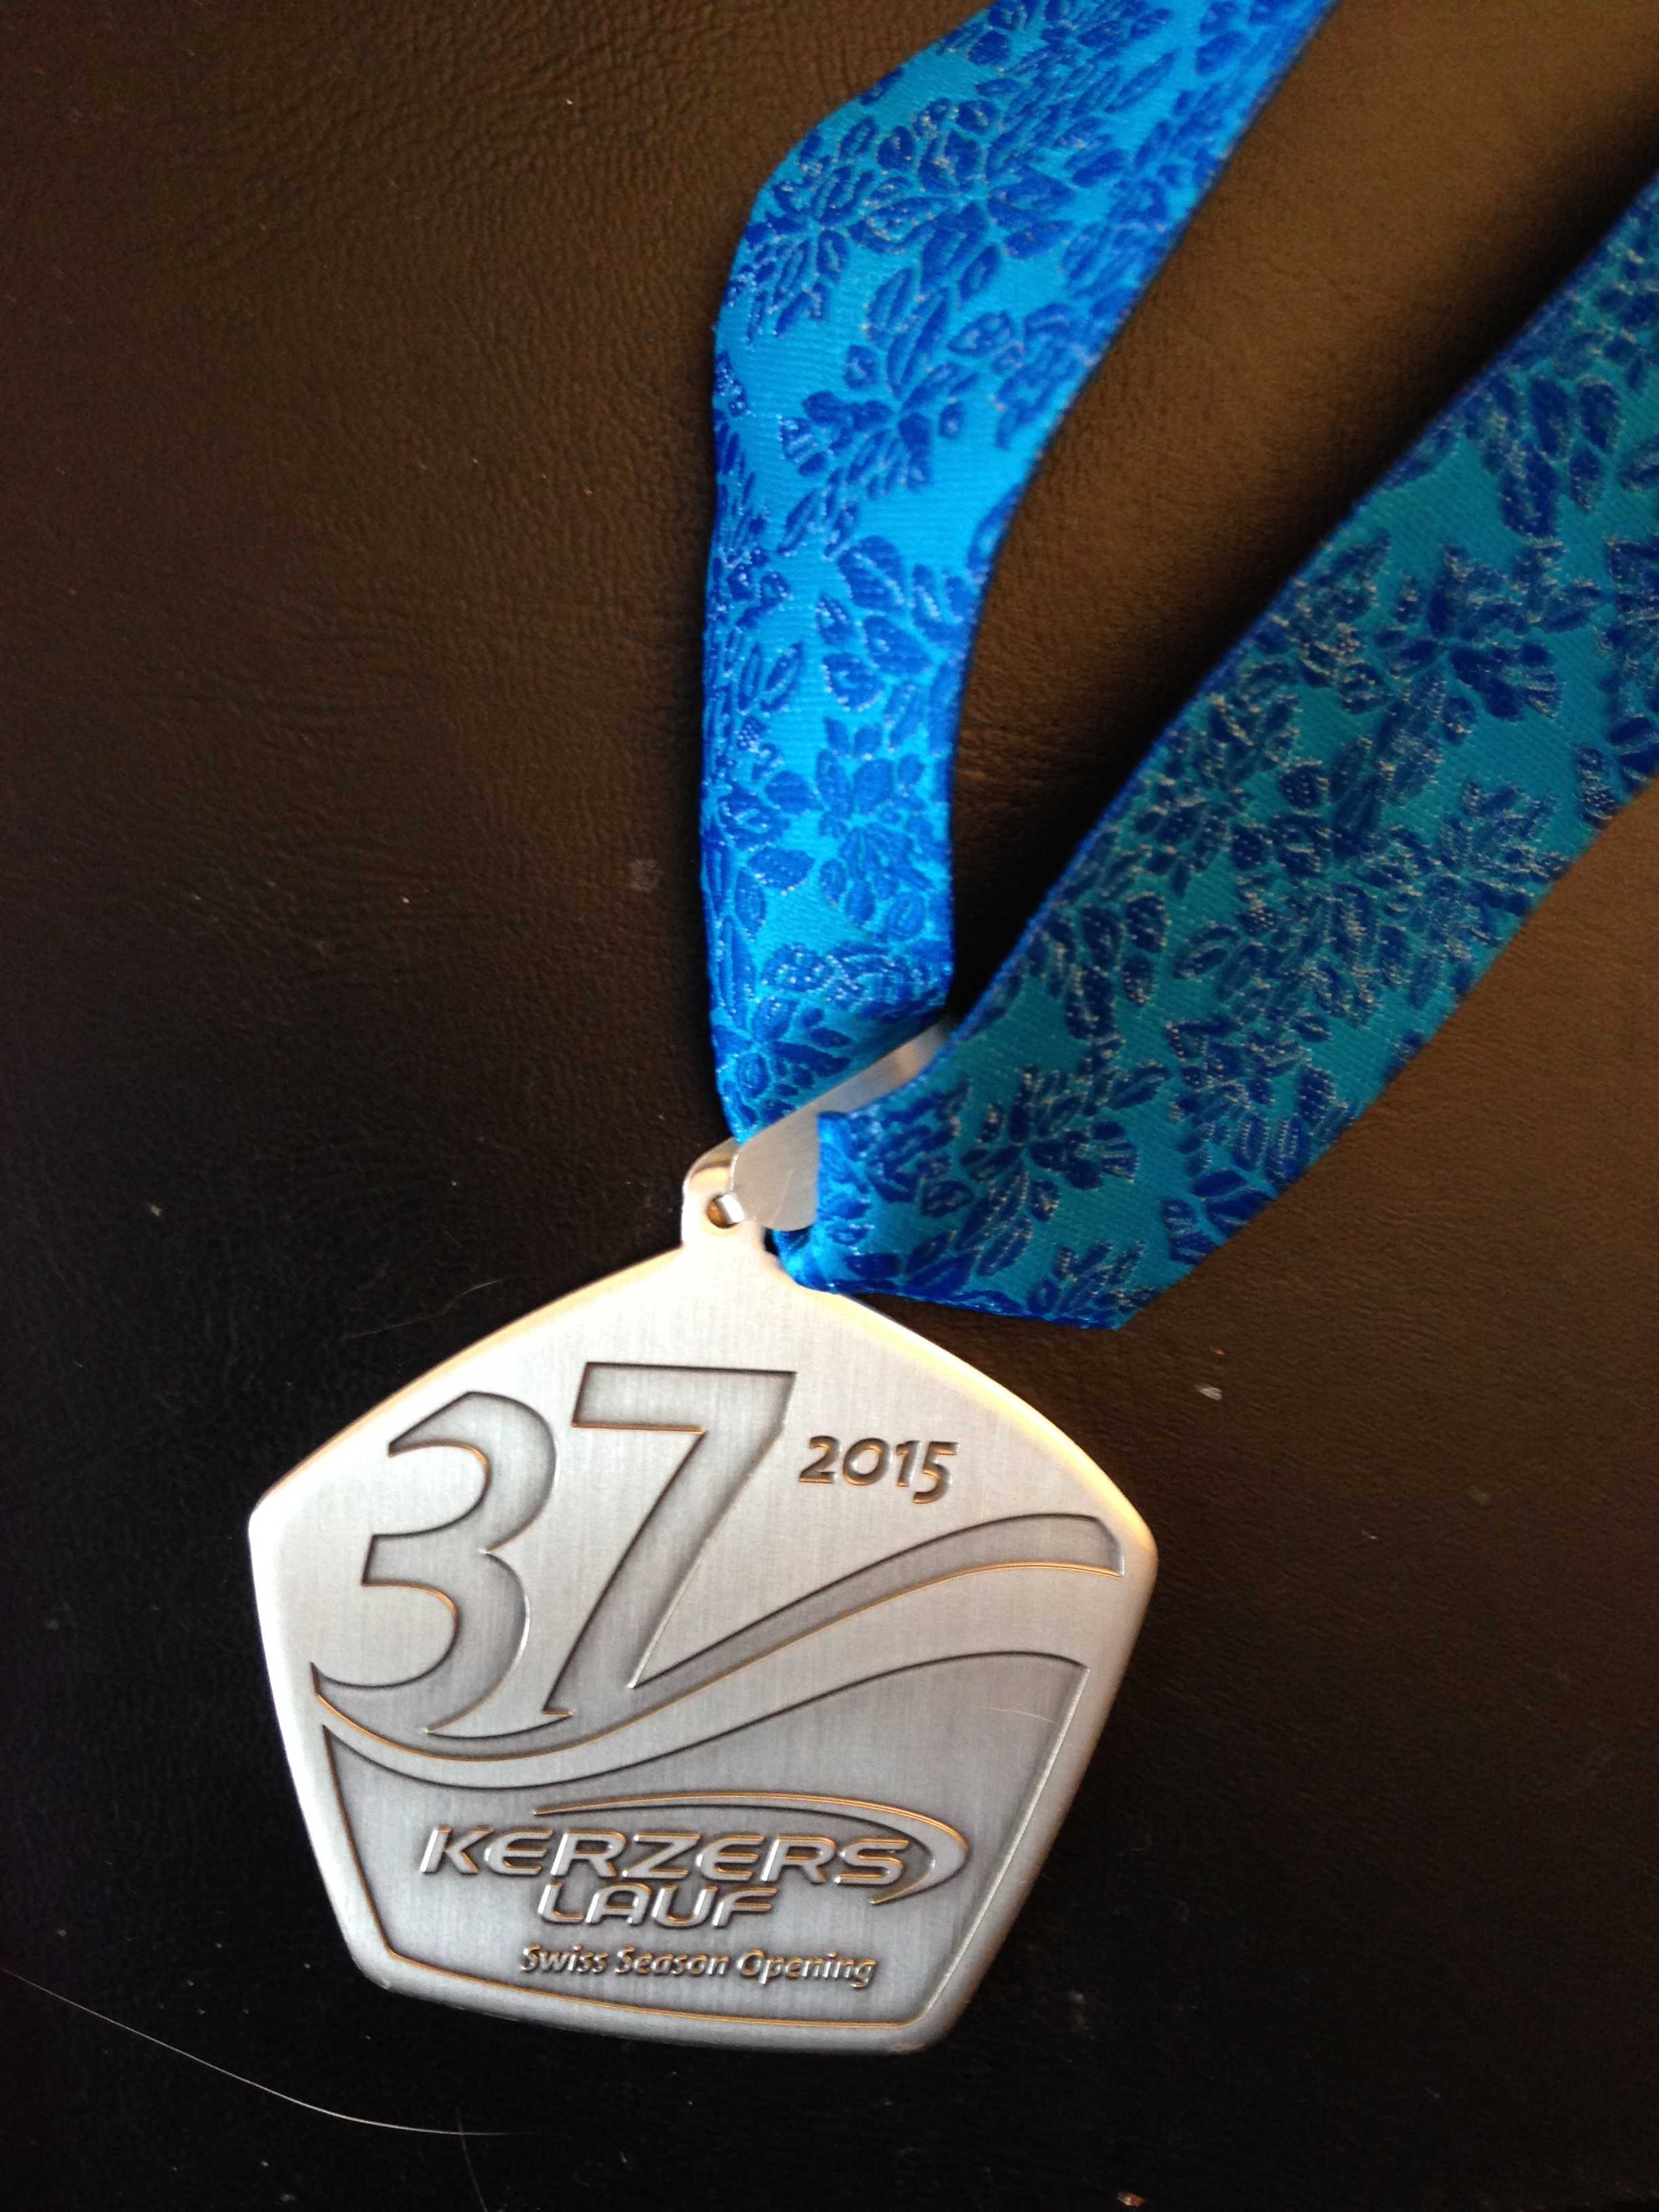 Medaille vom 37. Kerzerslauf